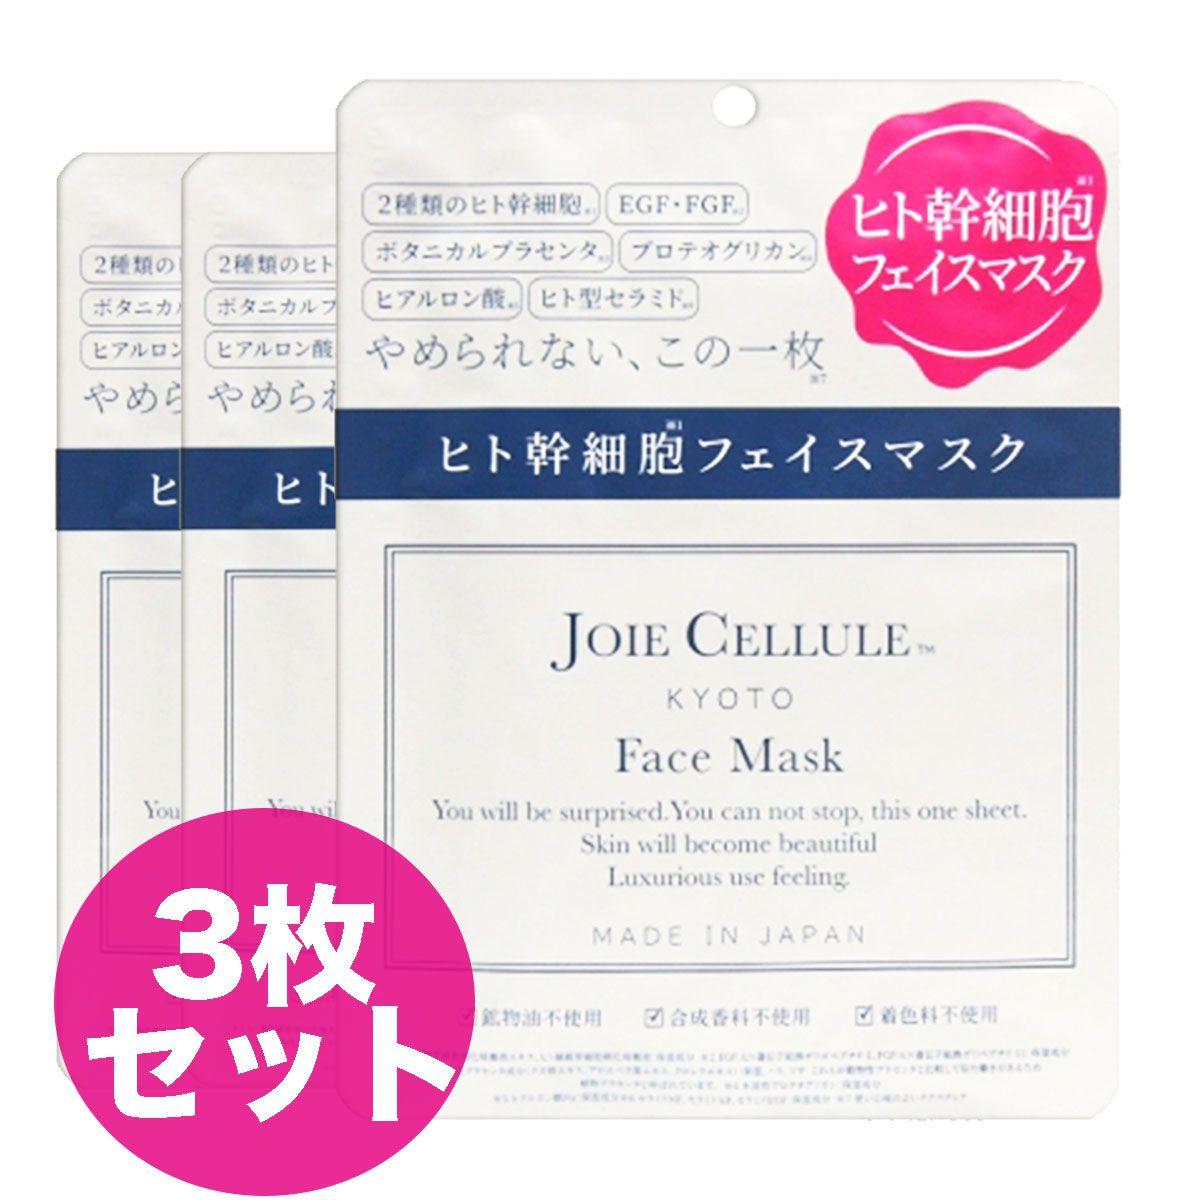 ジョワセリュールのフェイスマスク 3枚セットに関する画像 1